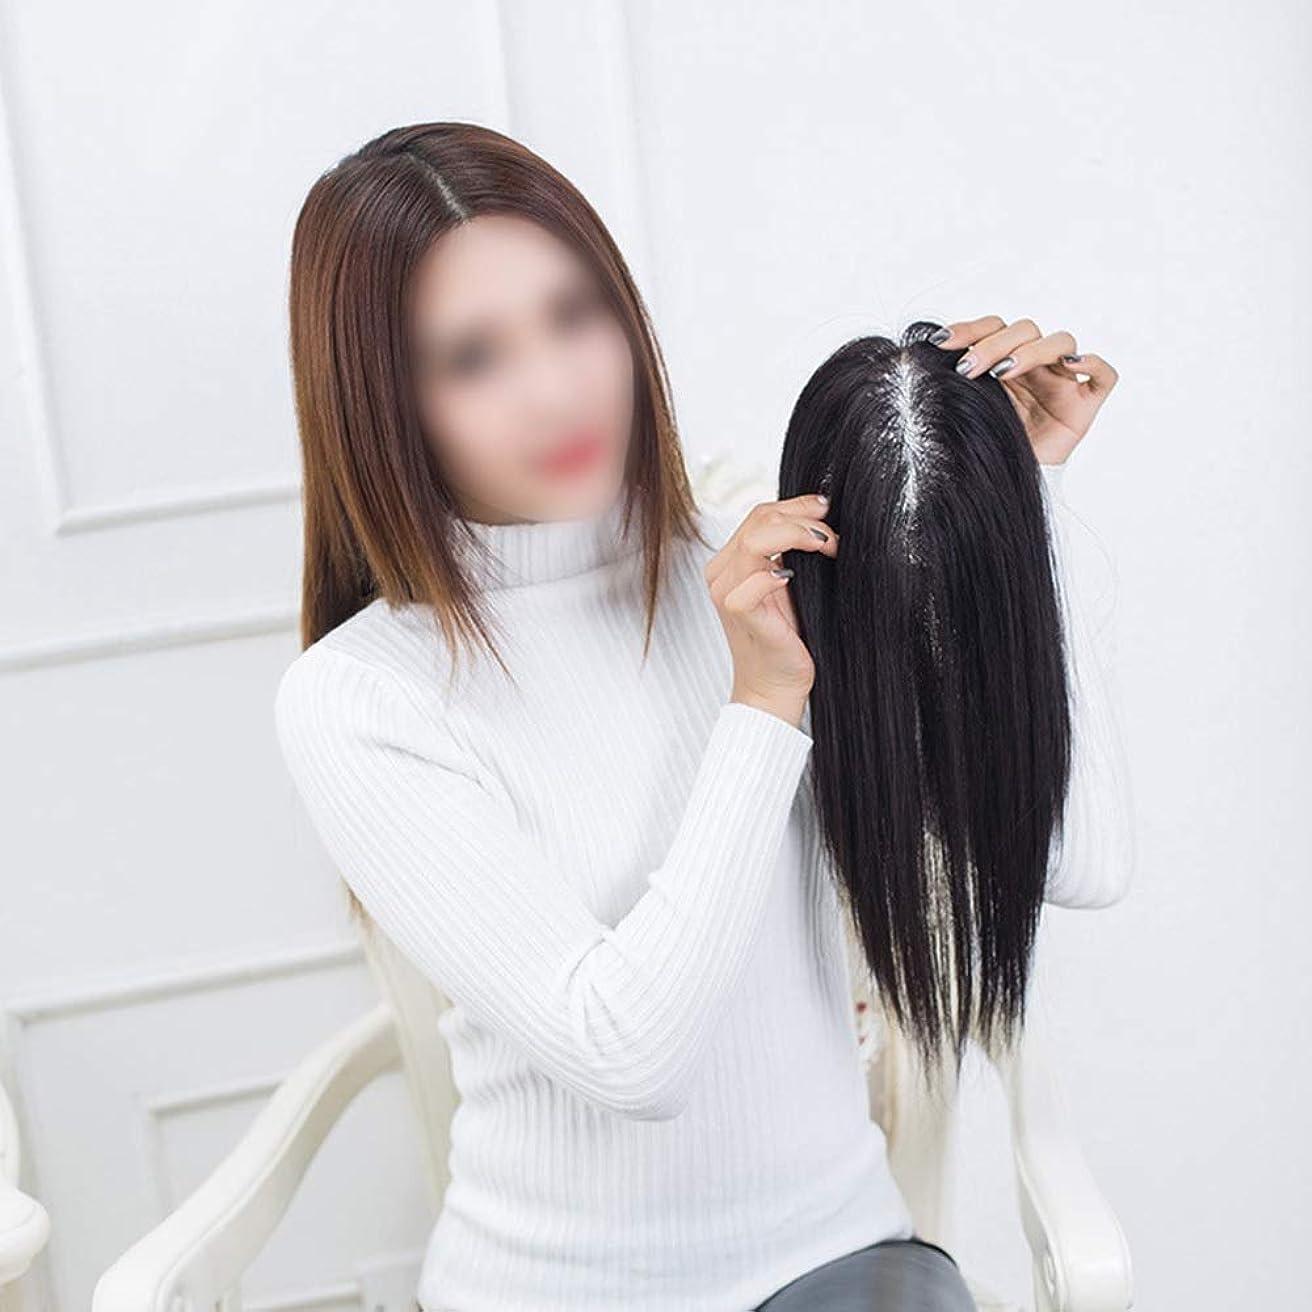 完了腐敗した情報Yrattary 女性のためのクリップヘアエクステンション人間の髪ふわふわリアルな髪をカバーするための白い髪合成髪レースかつらロールプレイングかつらロングとショートの女性自然 (色 : [7x10] 25cm natural black)